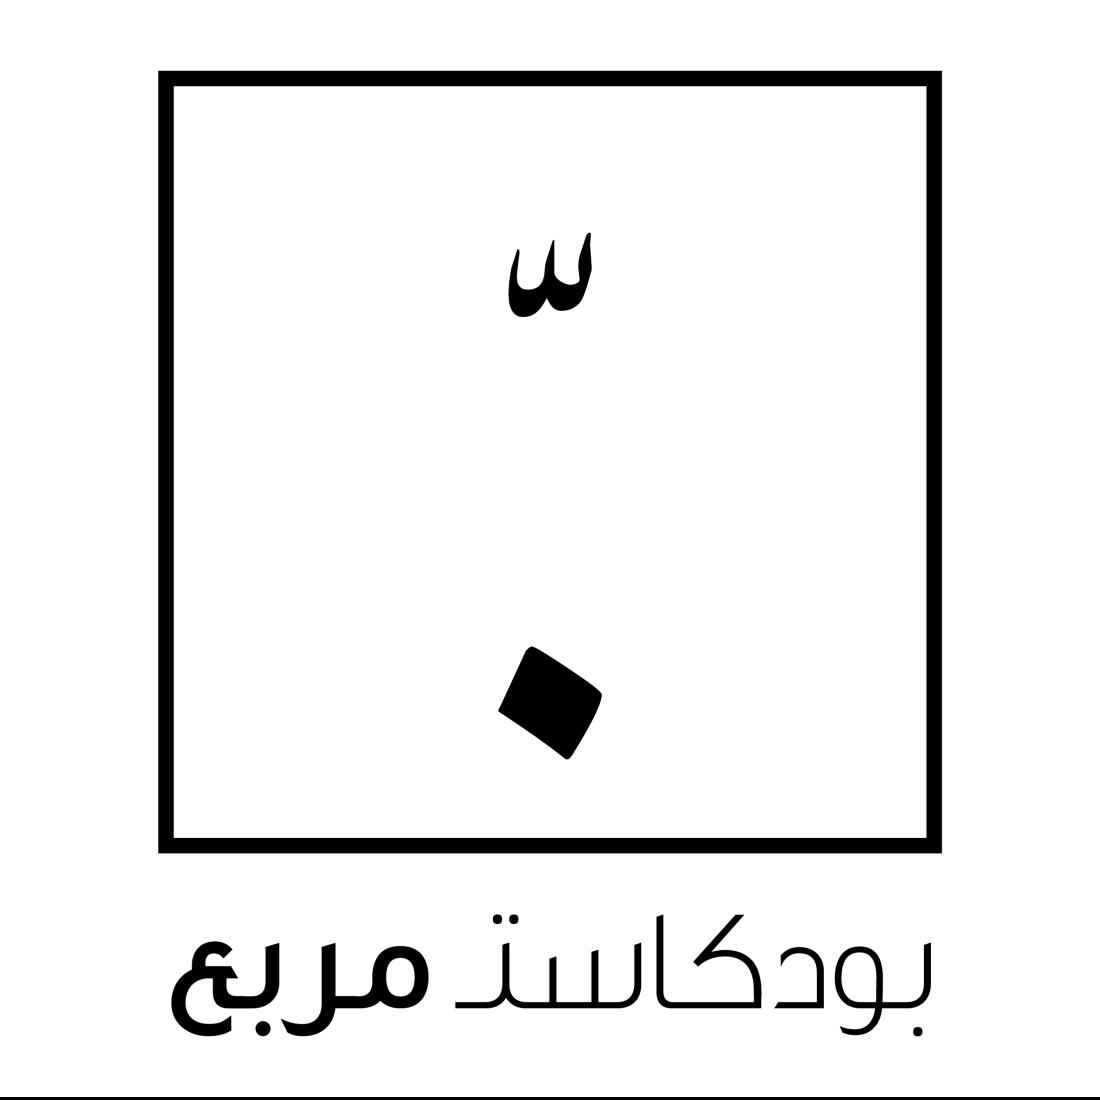 الشعار- بودكاست مربع-02